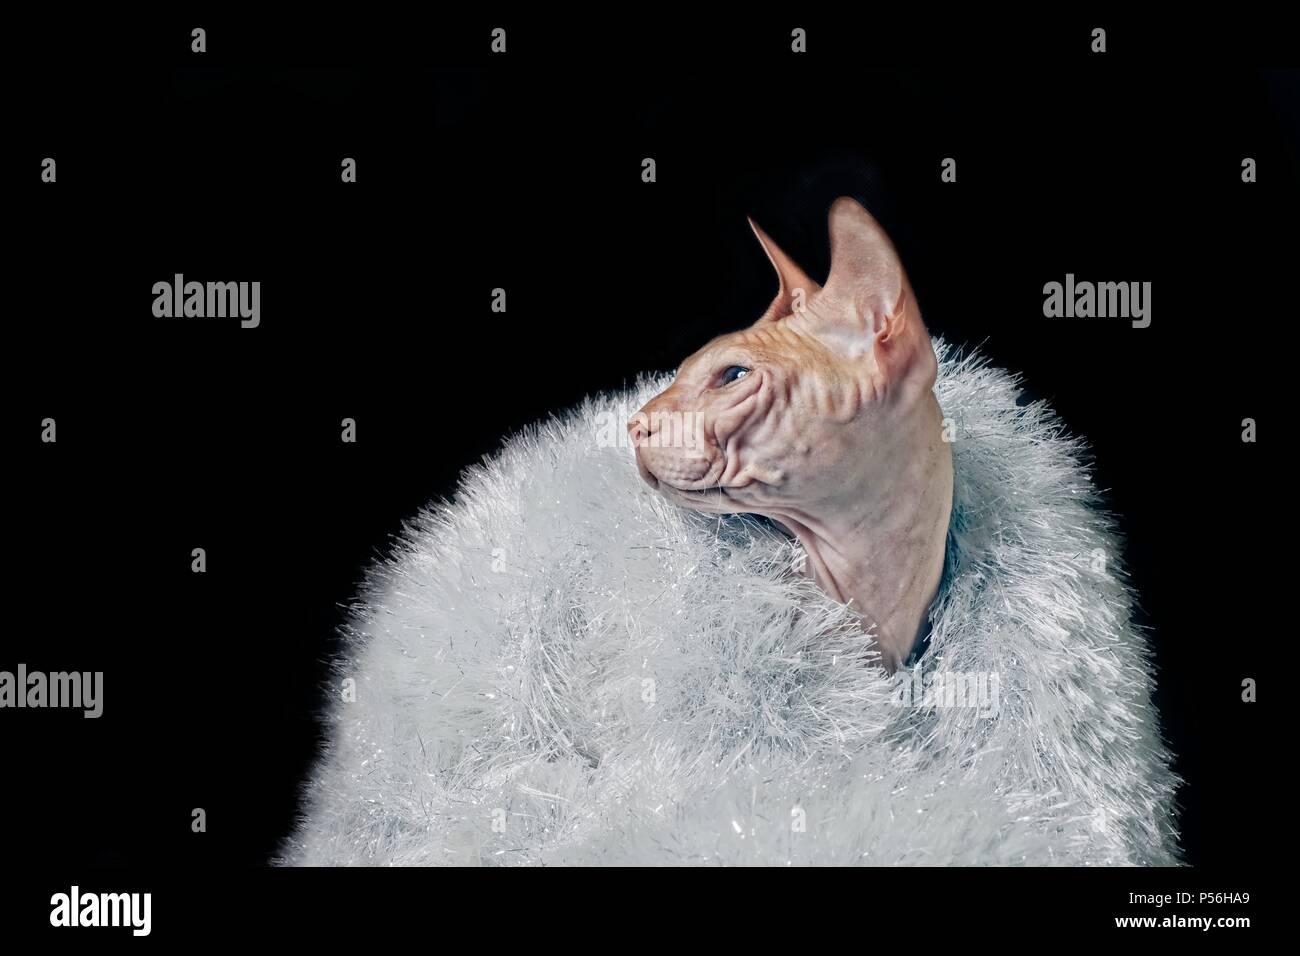 Porträt einer Sphynx cat tragen Lametta - auf schwarzem Hintergrund isoliert. Stockbild